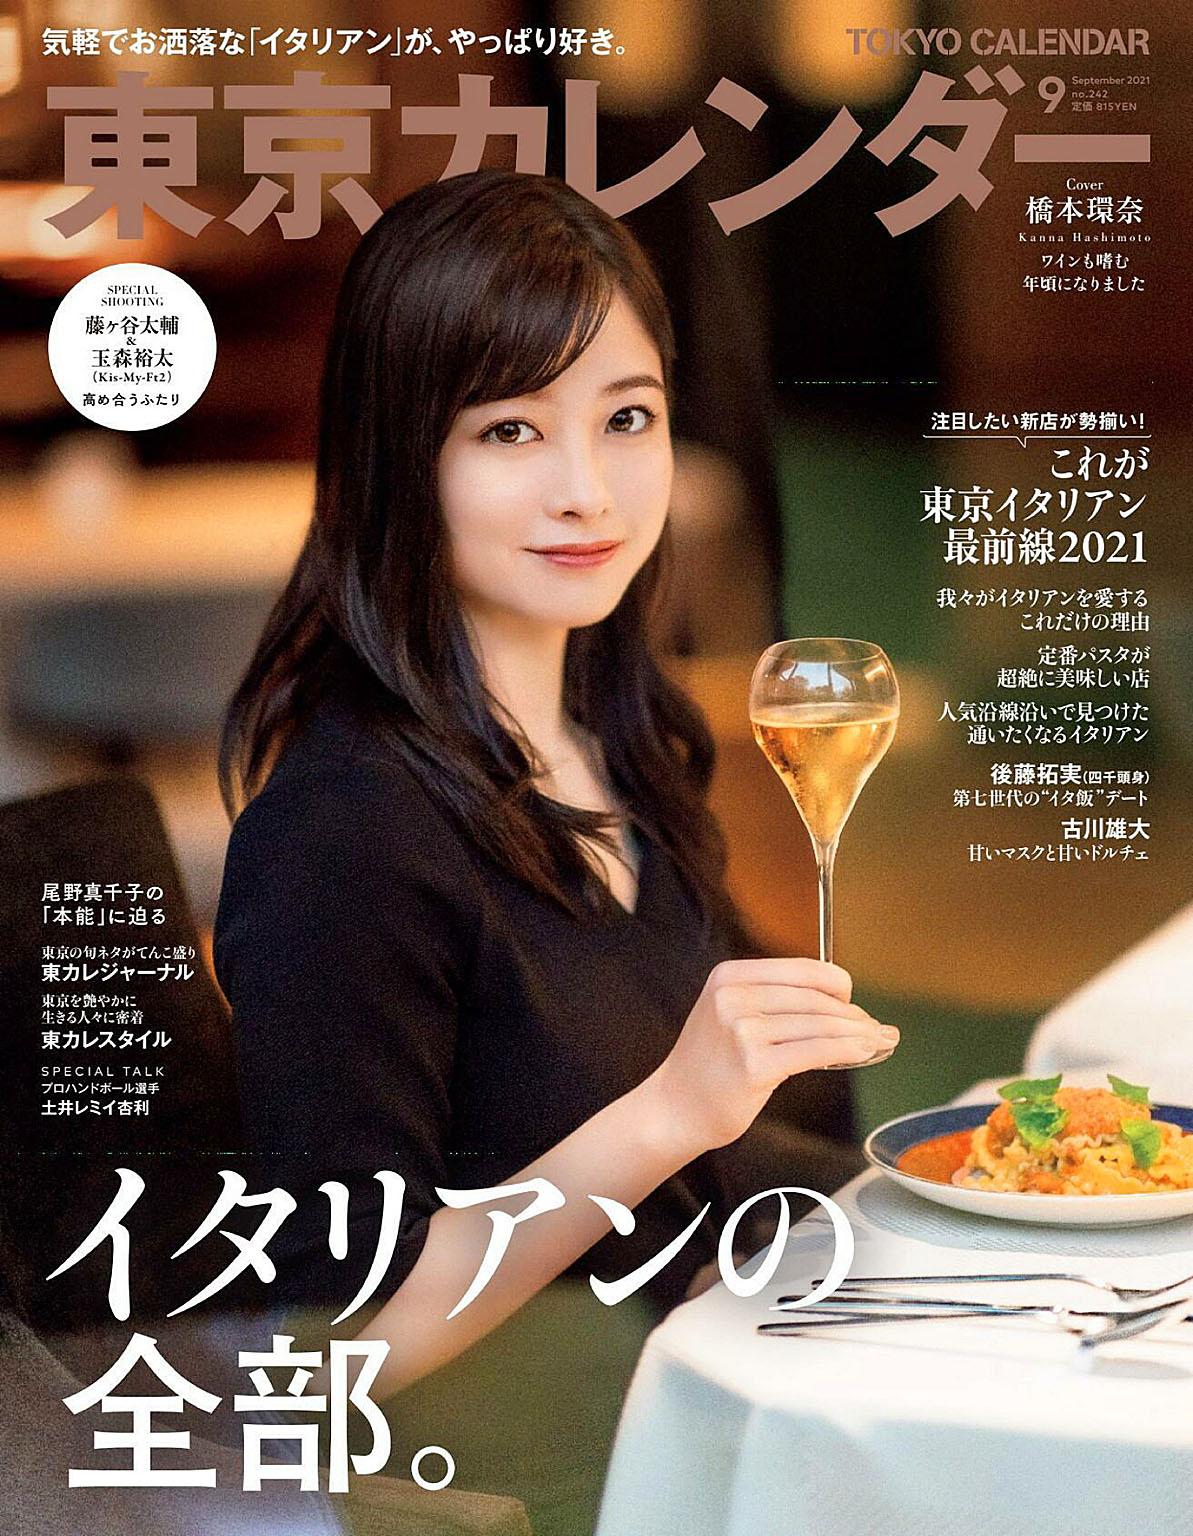 KHashimoto Tokyo Calendar 2109 01.jpg